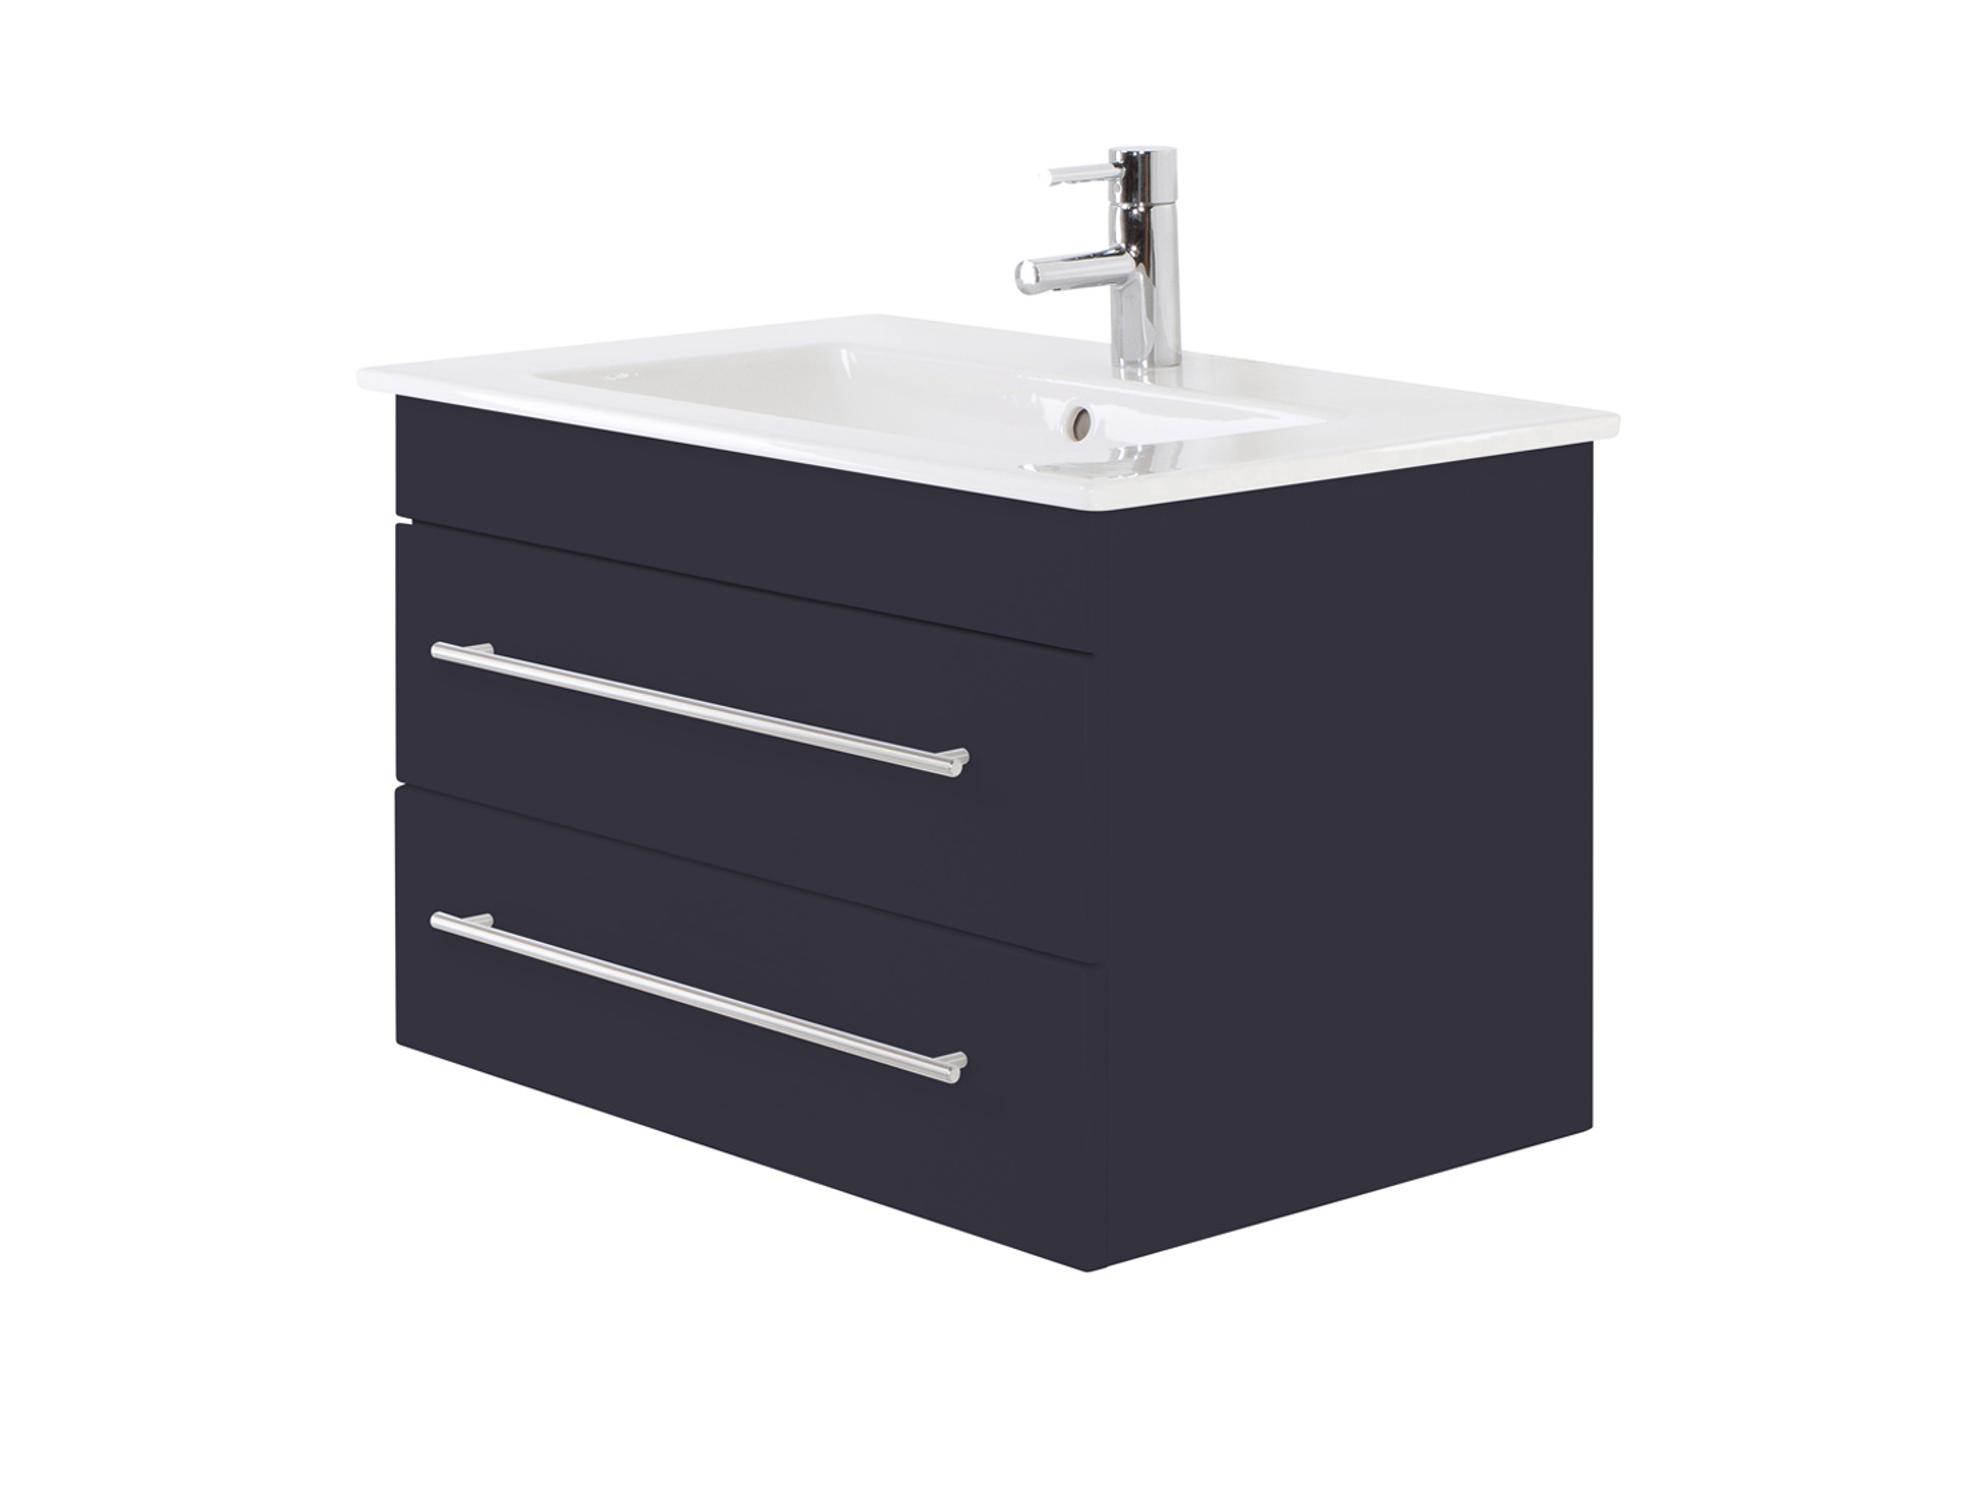 bad waschtisch mit villeroy boch becken venticello 80 cm breit grau bad waschtische. Black Bedroom Furniture Sets. Home Design Ideas